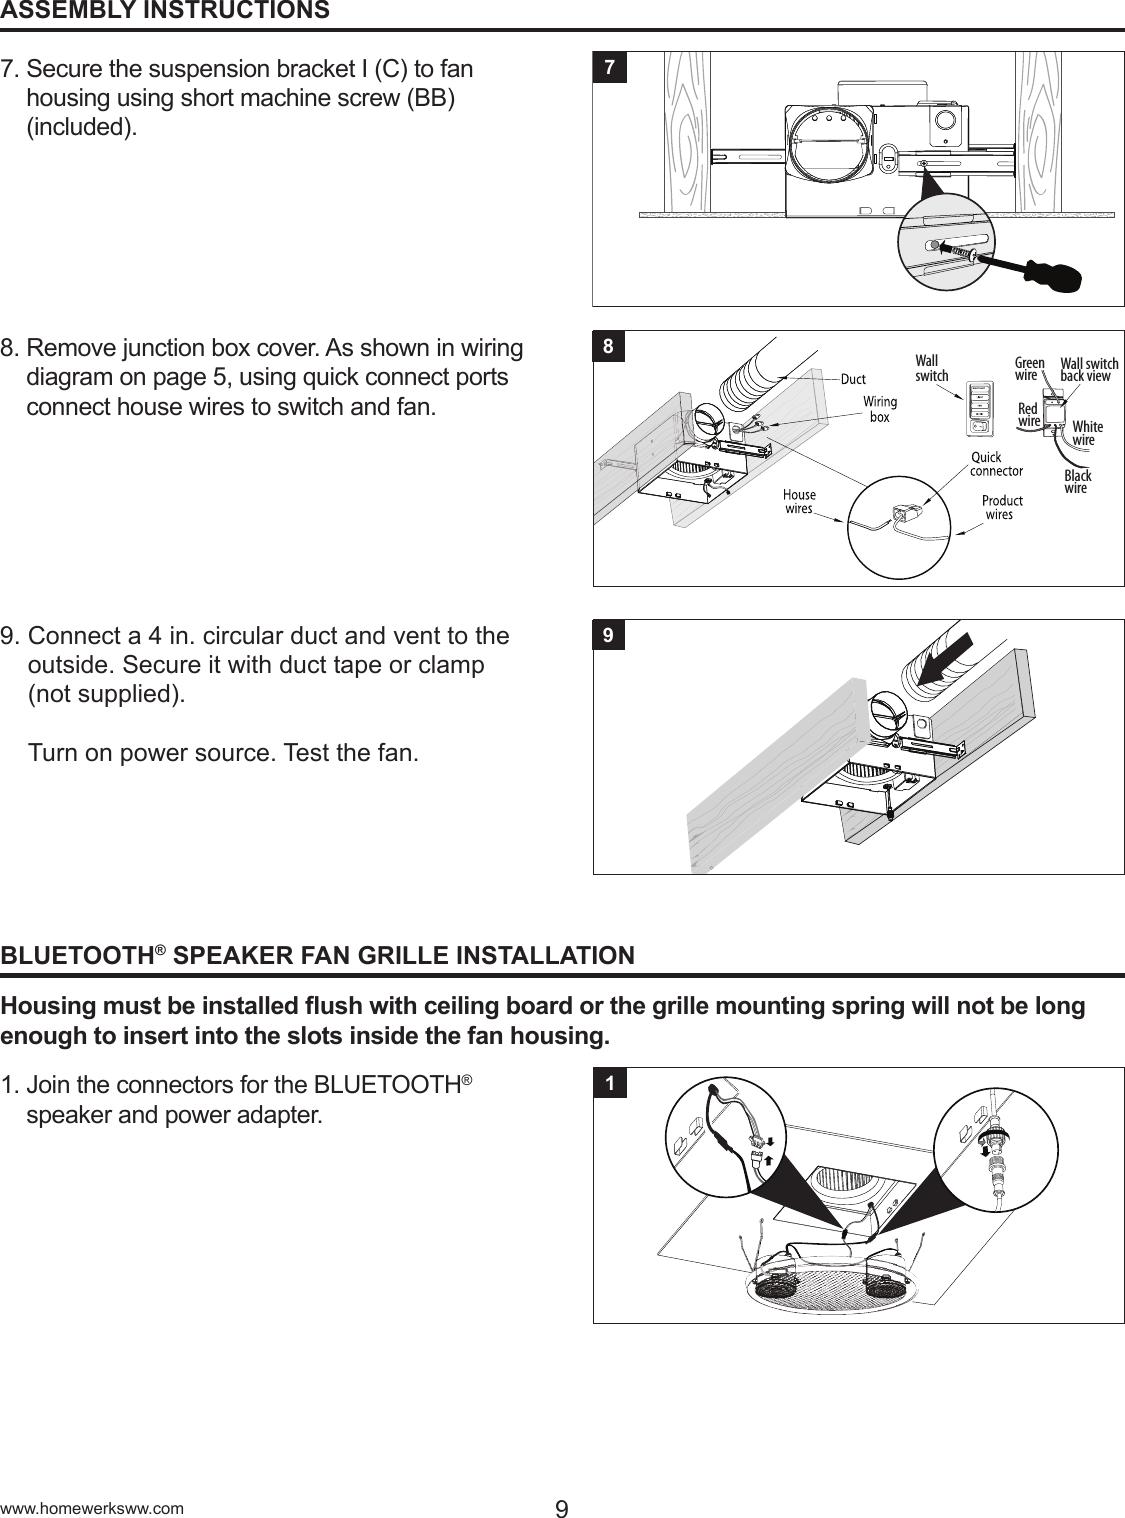 Homenetwerks Bluetooth Bath Fan U0026 Light Wiring Manual Guide